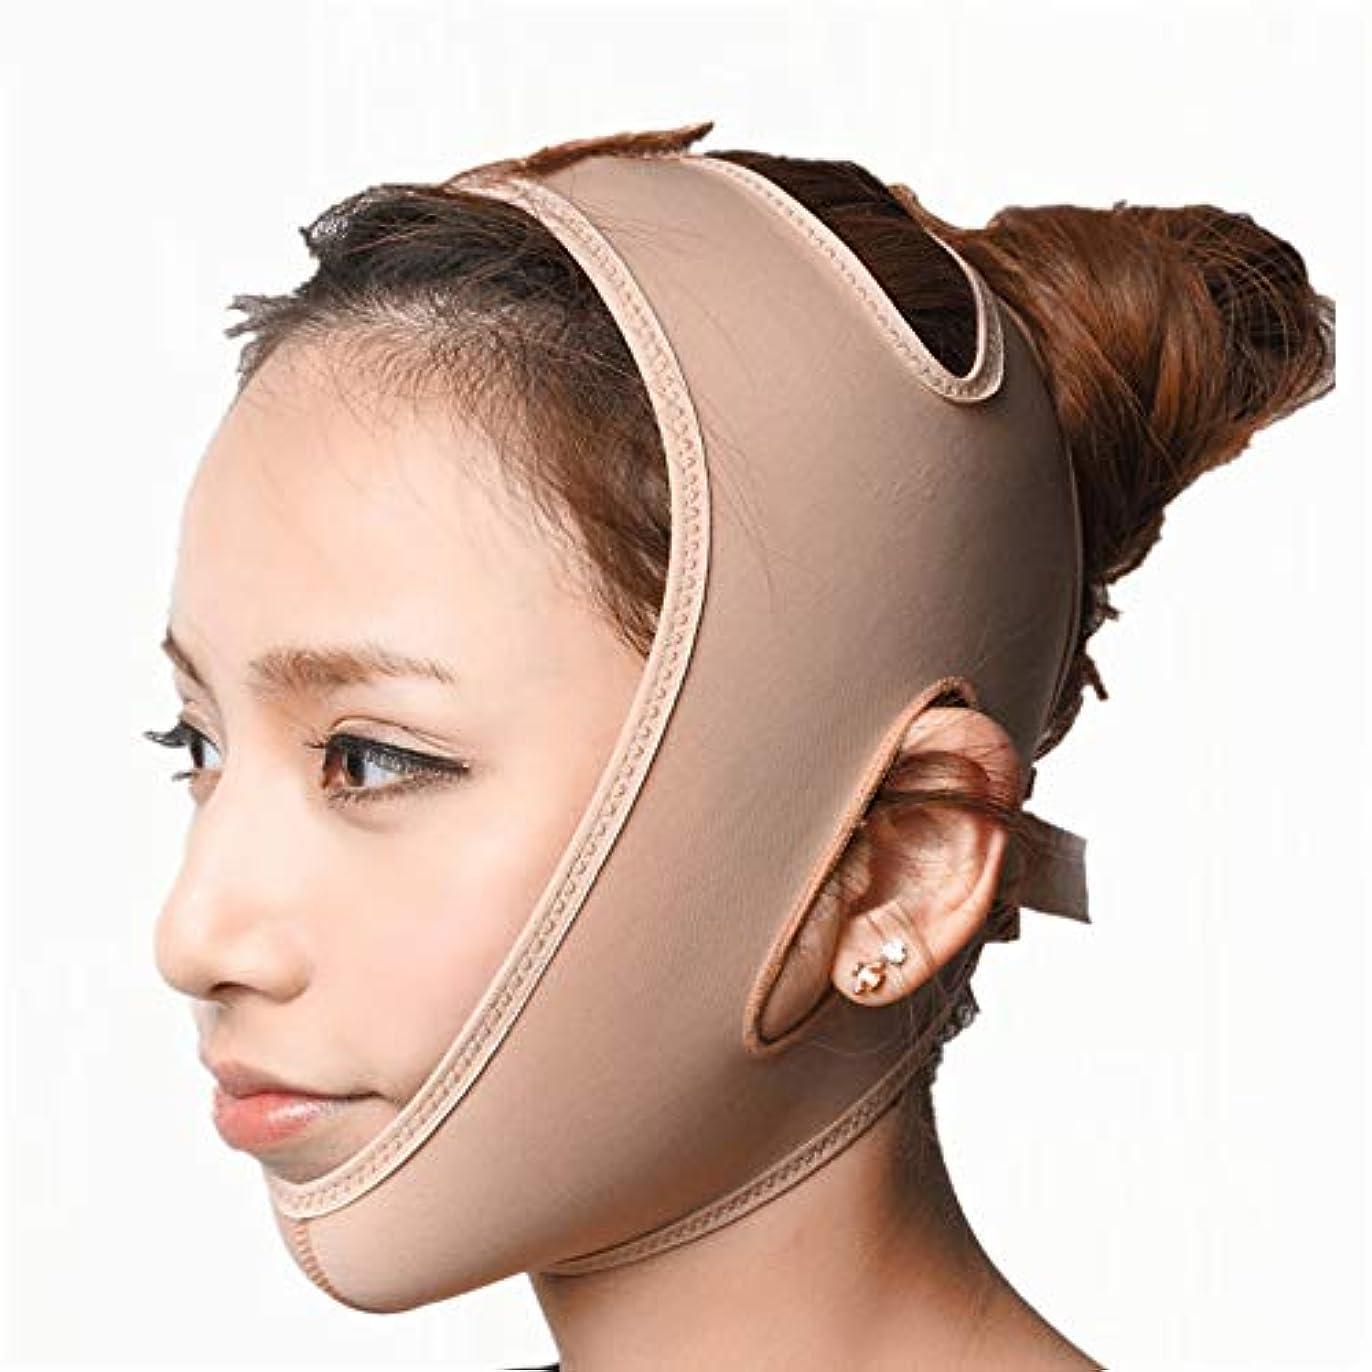 インセンティブ熱帯の調和BS 顔の持ち上がる痩身ベルト - アンチエイジングリンクルフェイスマスクベルトシンフェイス包帯整形マスクは顔と首を締めますフェイススリム フェイスリフティングアーティファクト (Size : L)